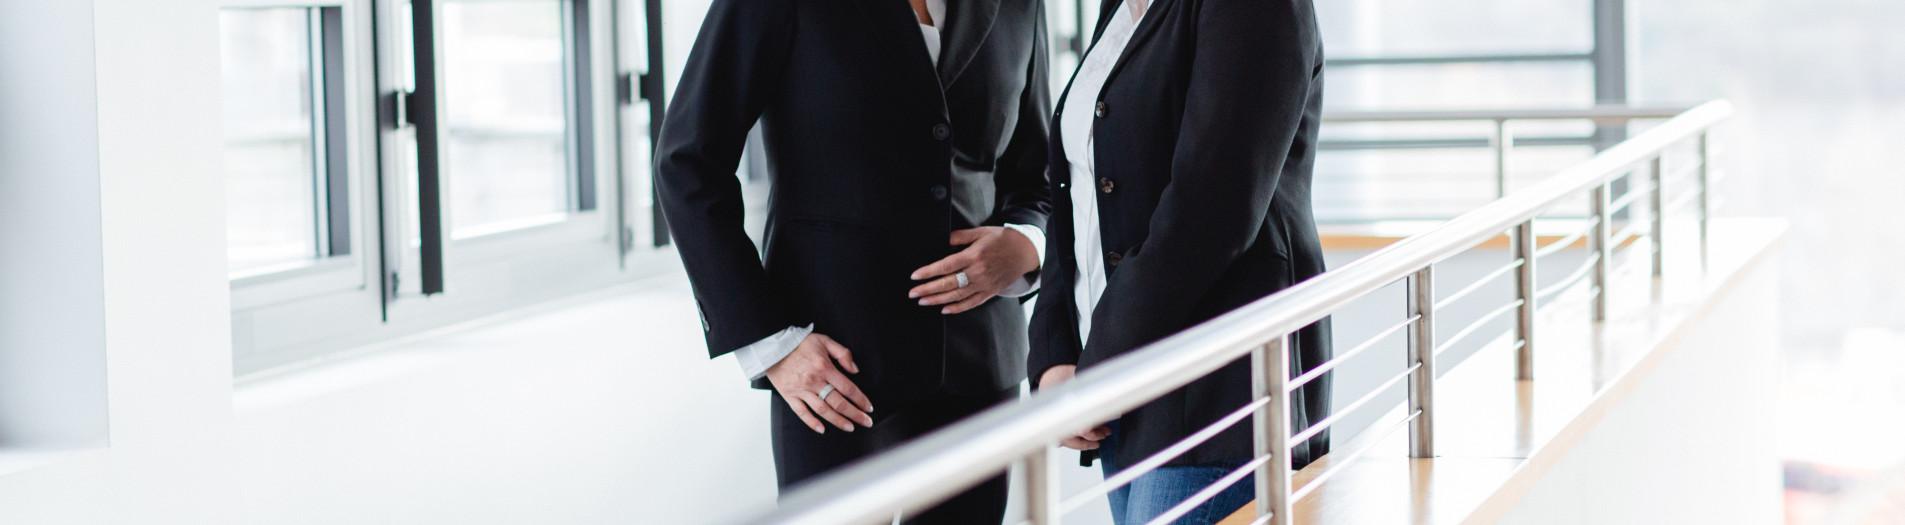 Businessfotos für 3 Geschäftsführer